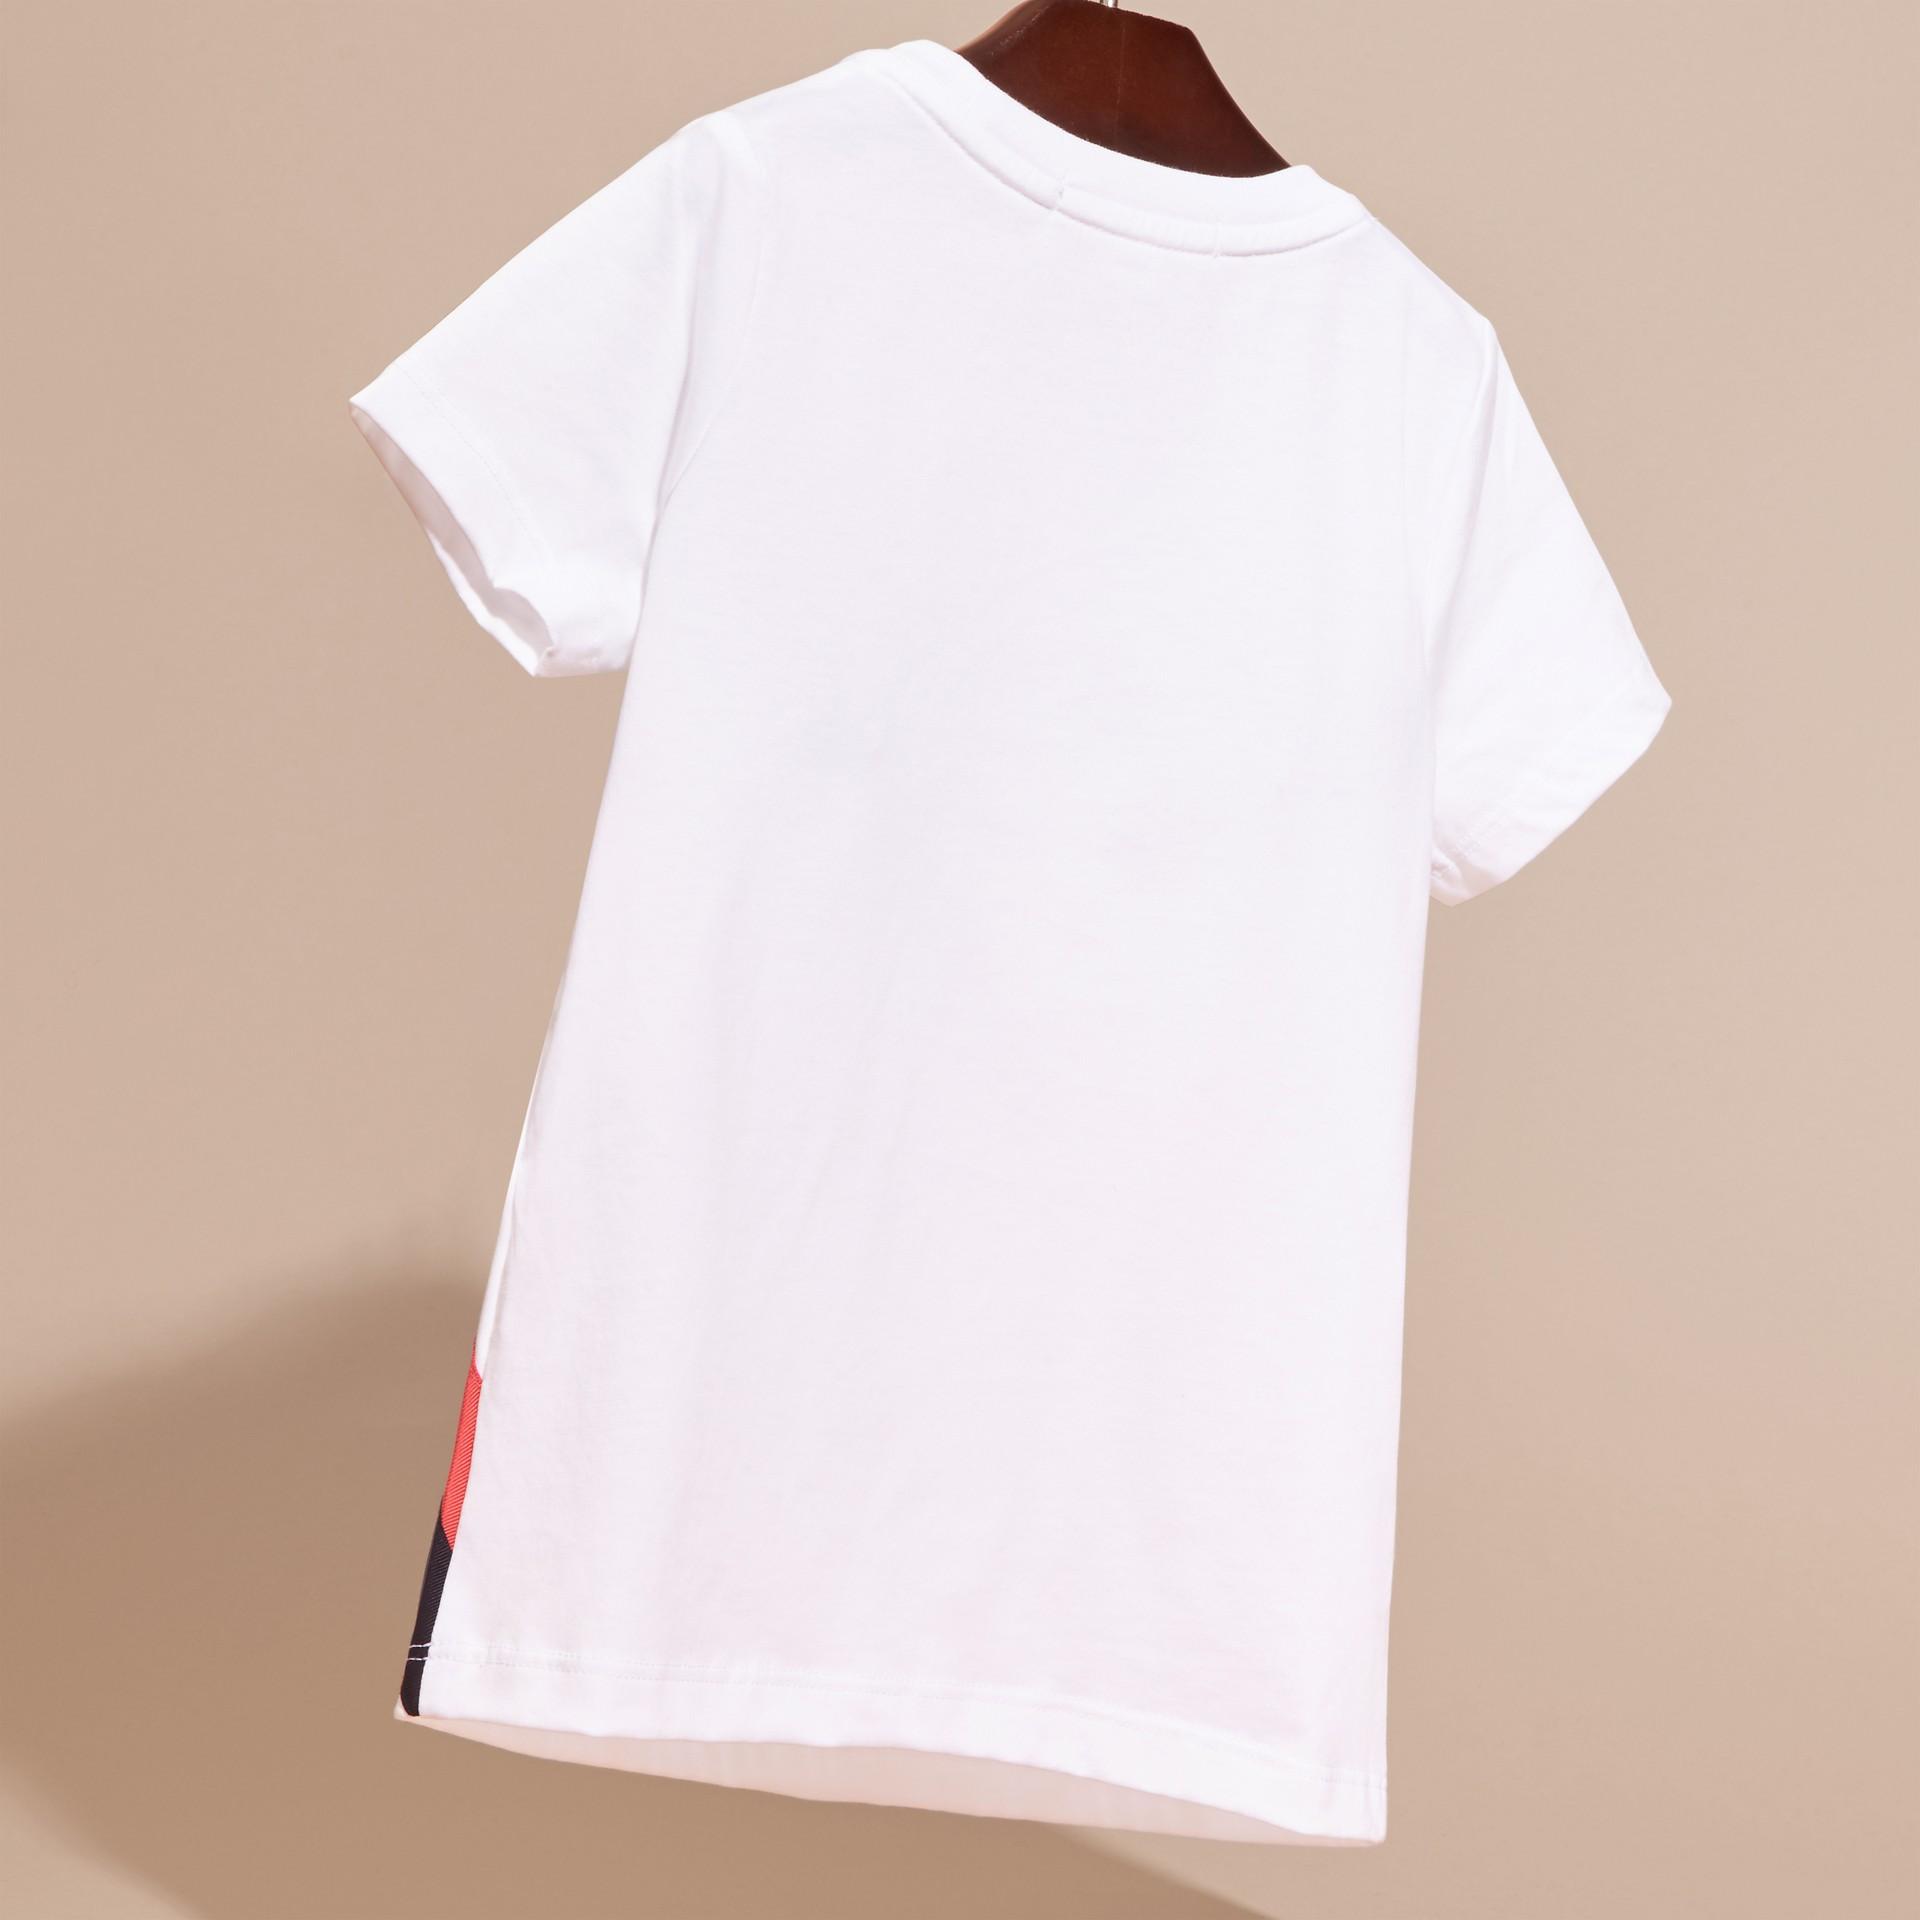 Bianco T-shirt in cotone con grafica ispirata al clima e paillettes applicate - immagine della galleria 4